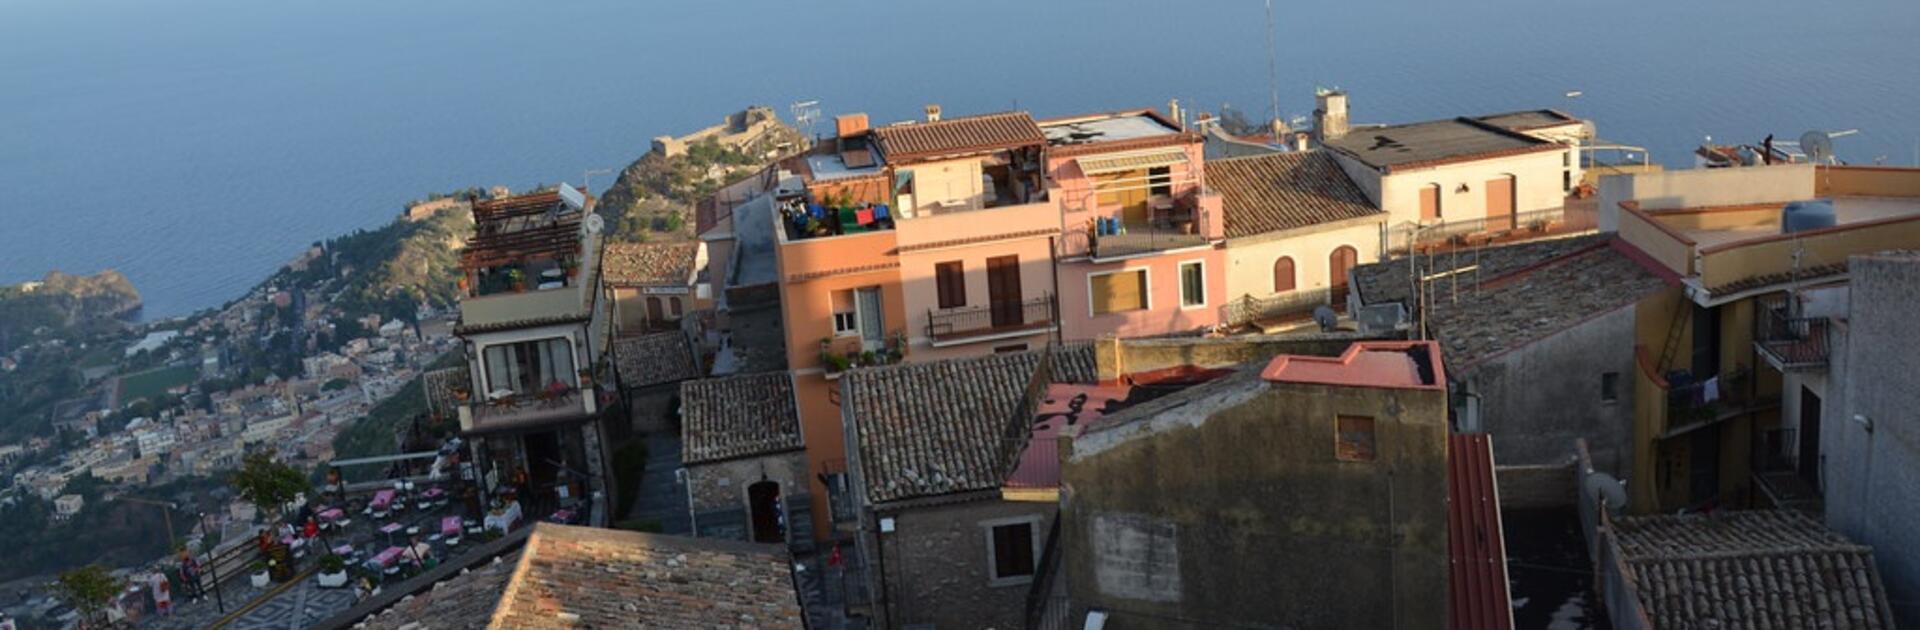 Castel Mola